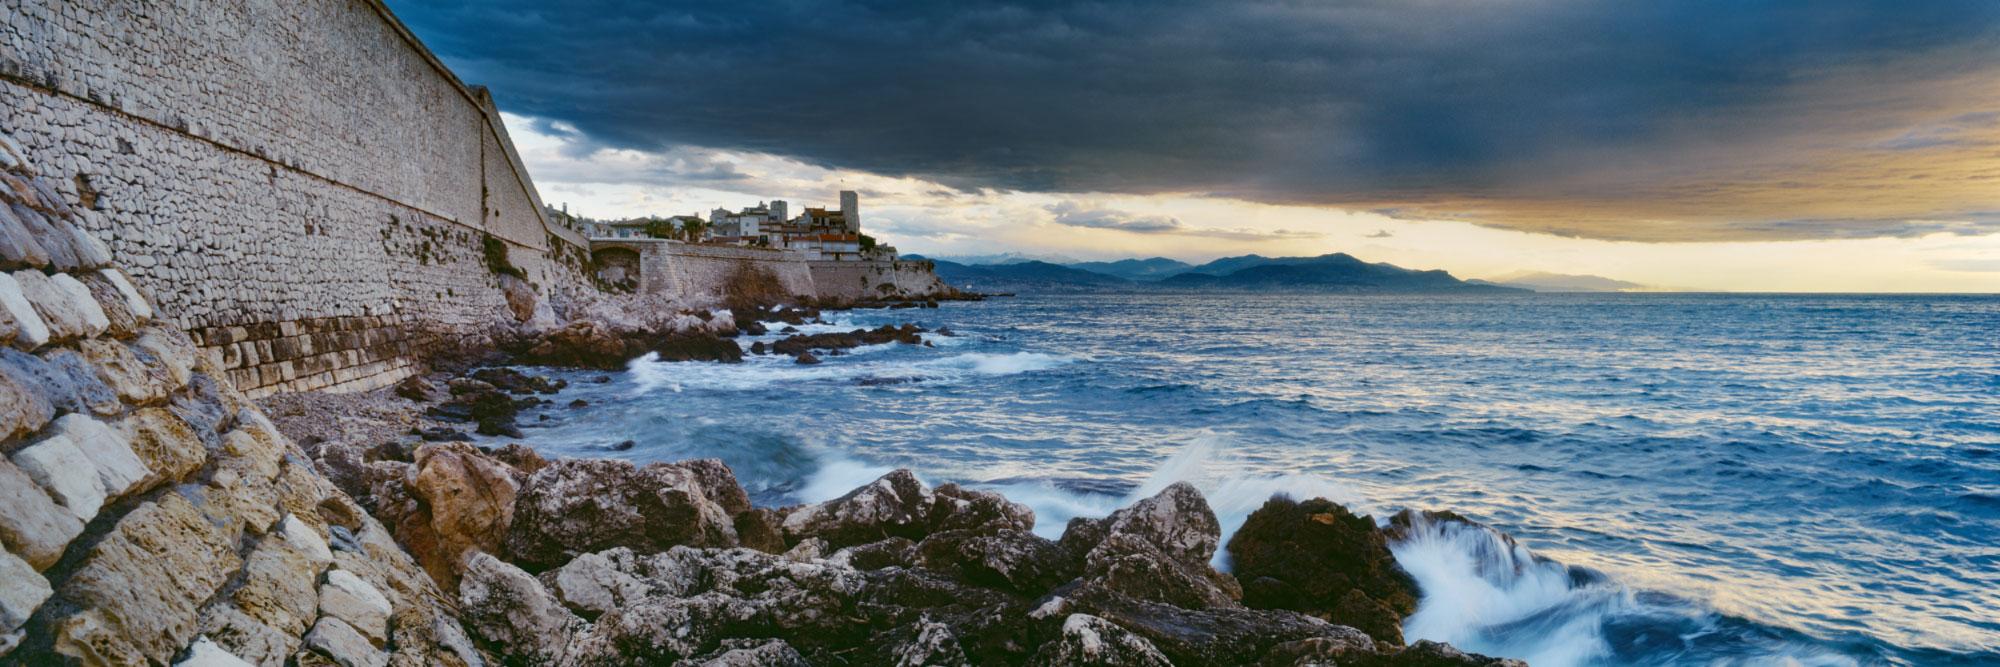 Cap d'Antibes, Côte d'Azur